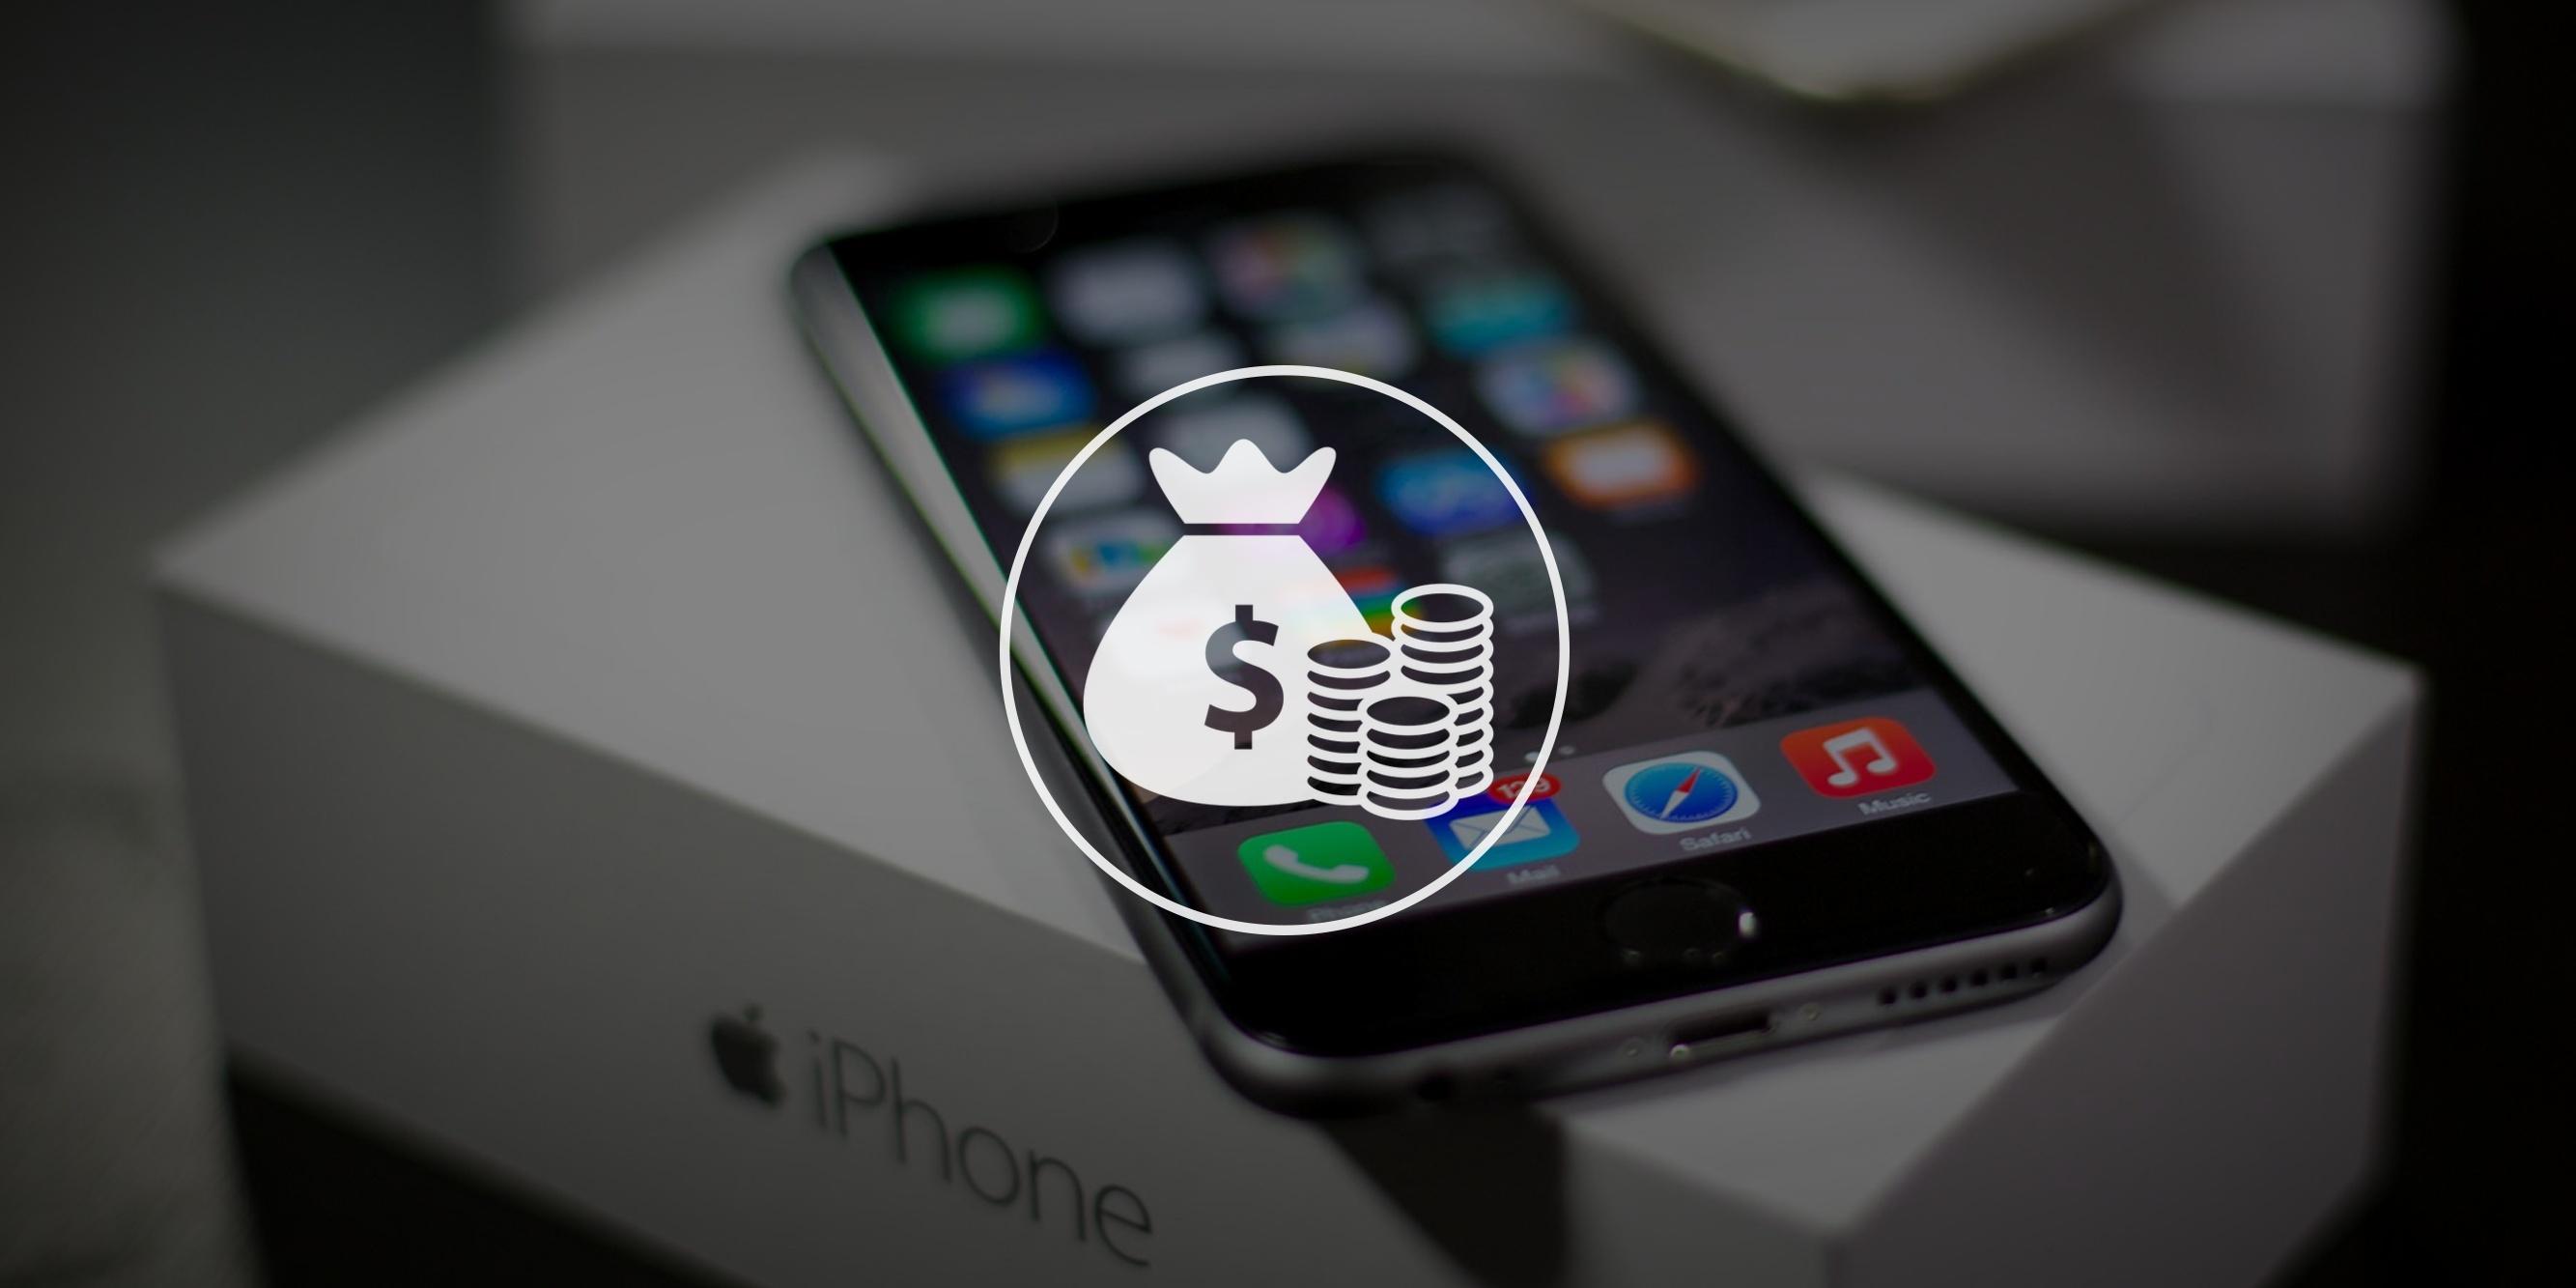 Как выгодно продать ваш старый iPhone, чтобы купить новый iPhone 6s